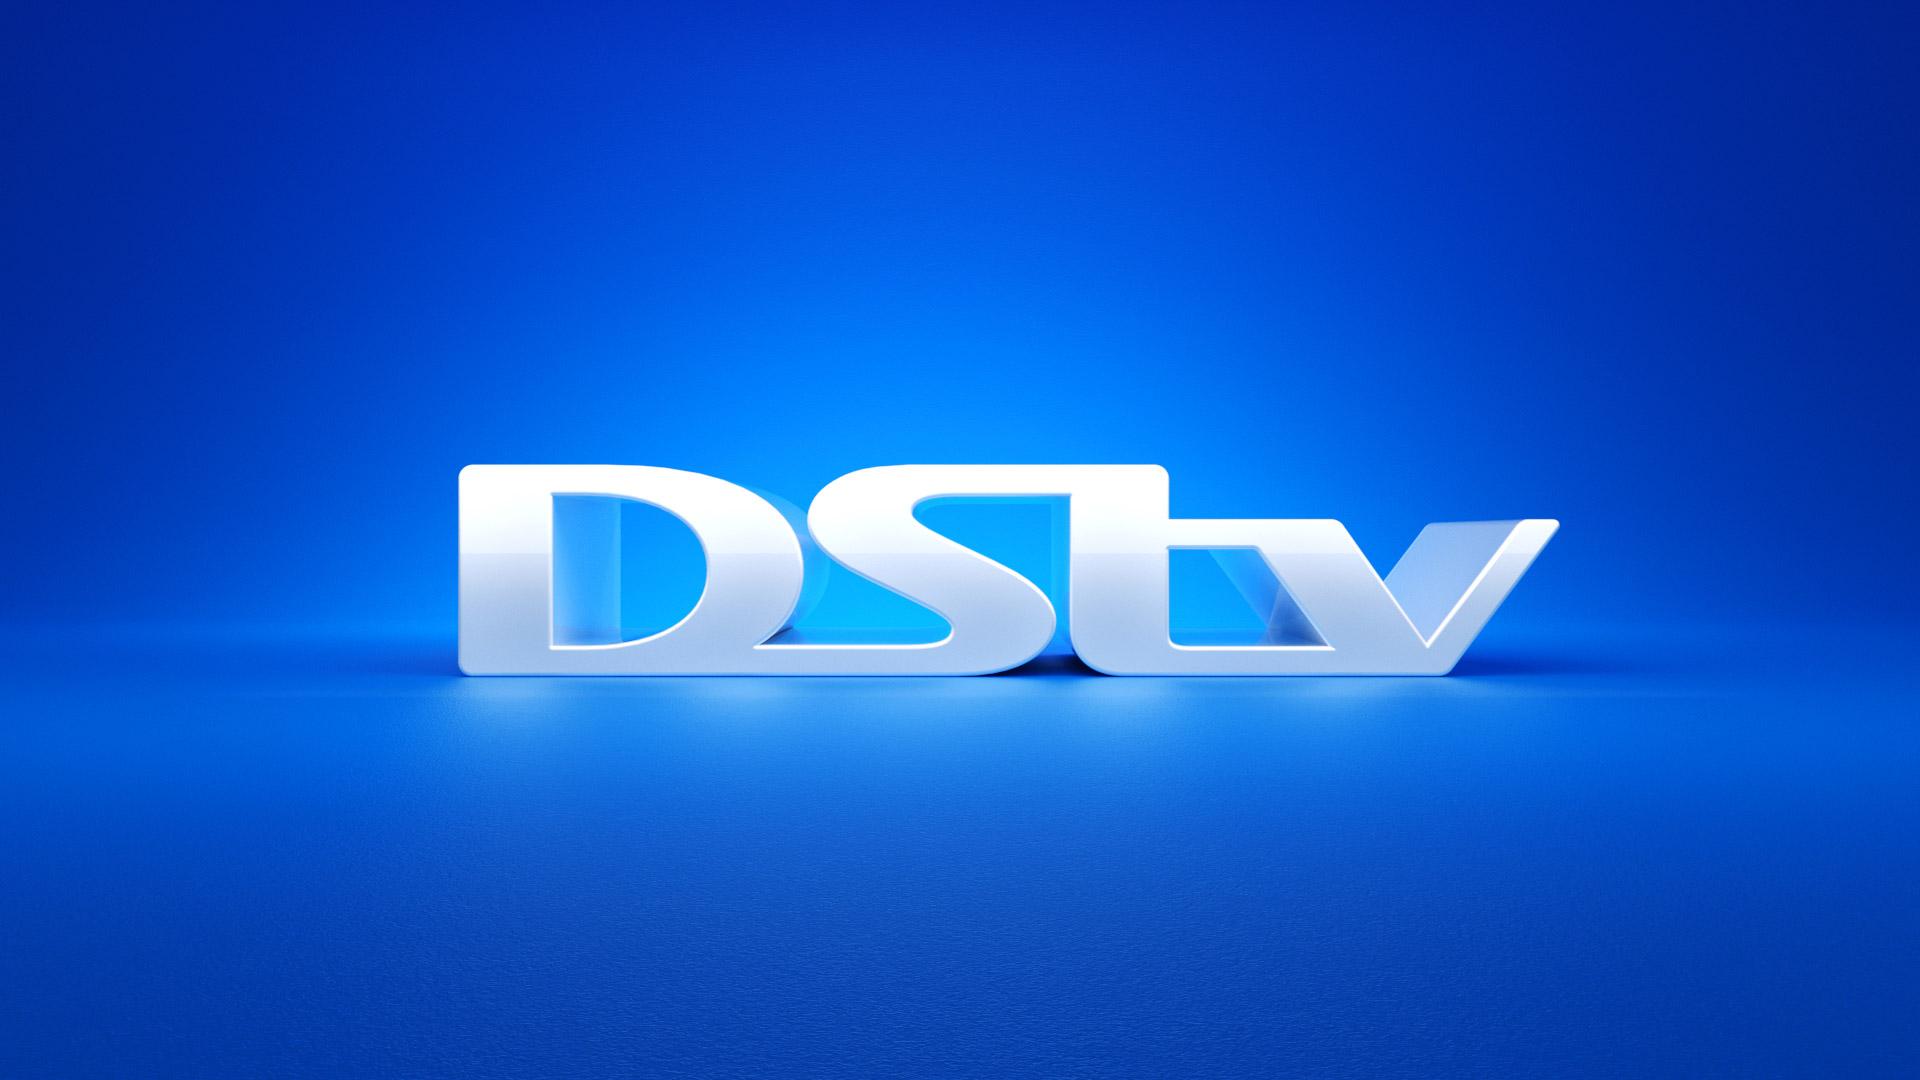 DSTV_LOGO_WHITE